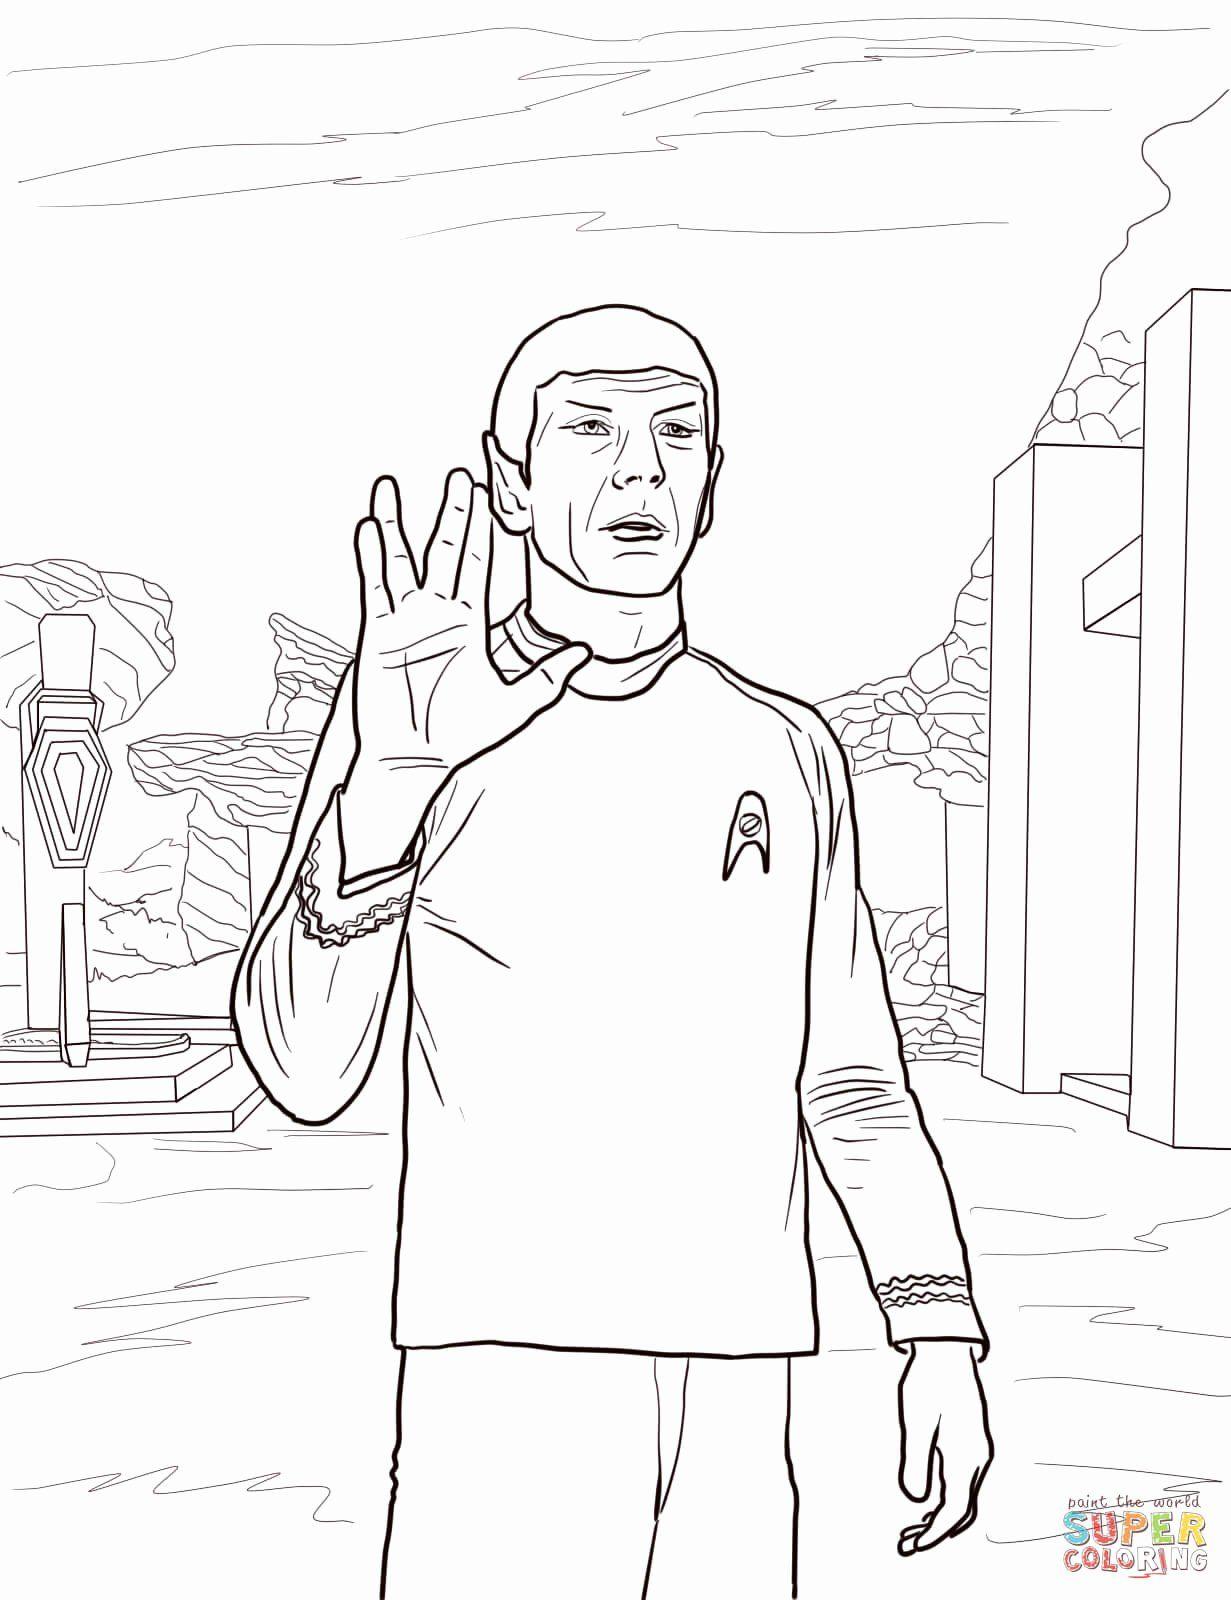 Star Trek Coloring Book New Star Trek Spock Coloring Page In 2020 Star Coloring Pages Star Trek Spock Star Trek